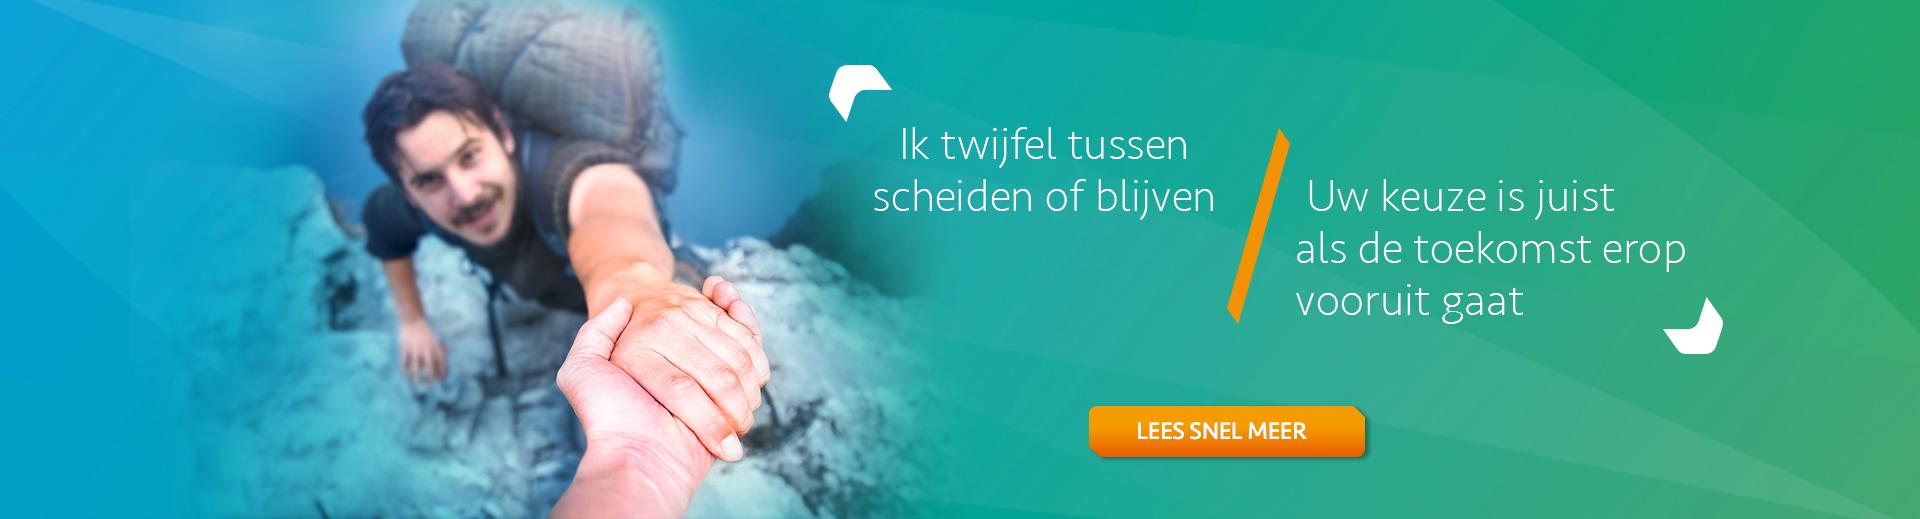 Scheiden of blijven - Scheidingsplanner Den Haag & Rijswijk